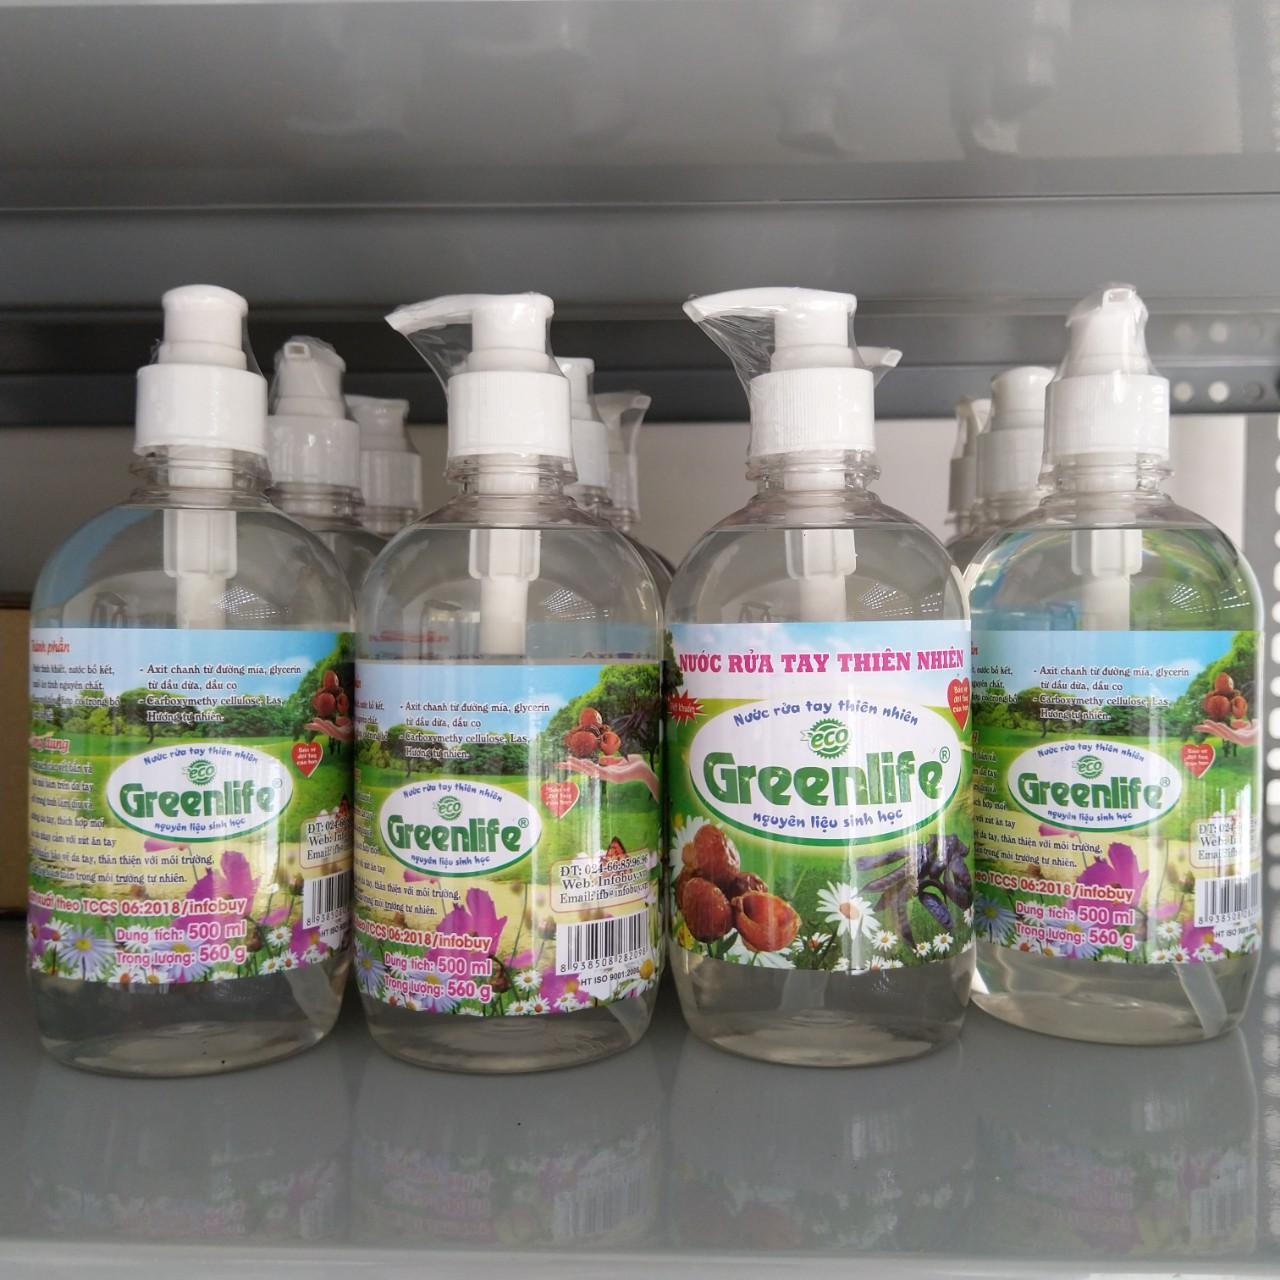 Nước rửa tay sinh học Greenlife an toàn, dịu nhẹ da tay.